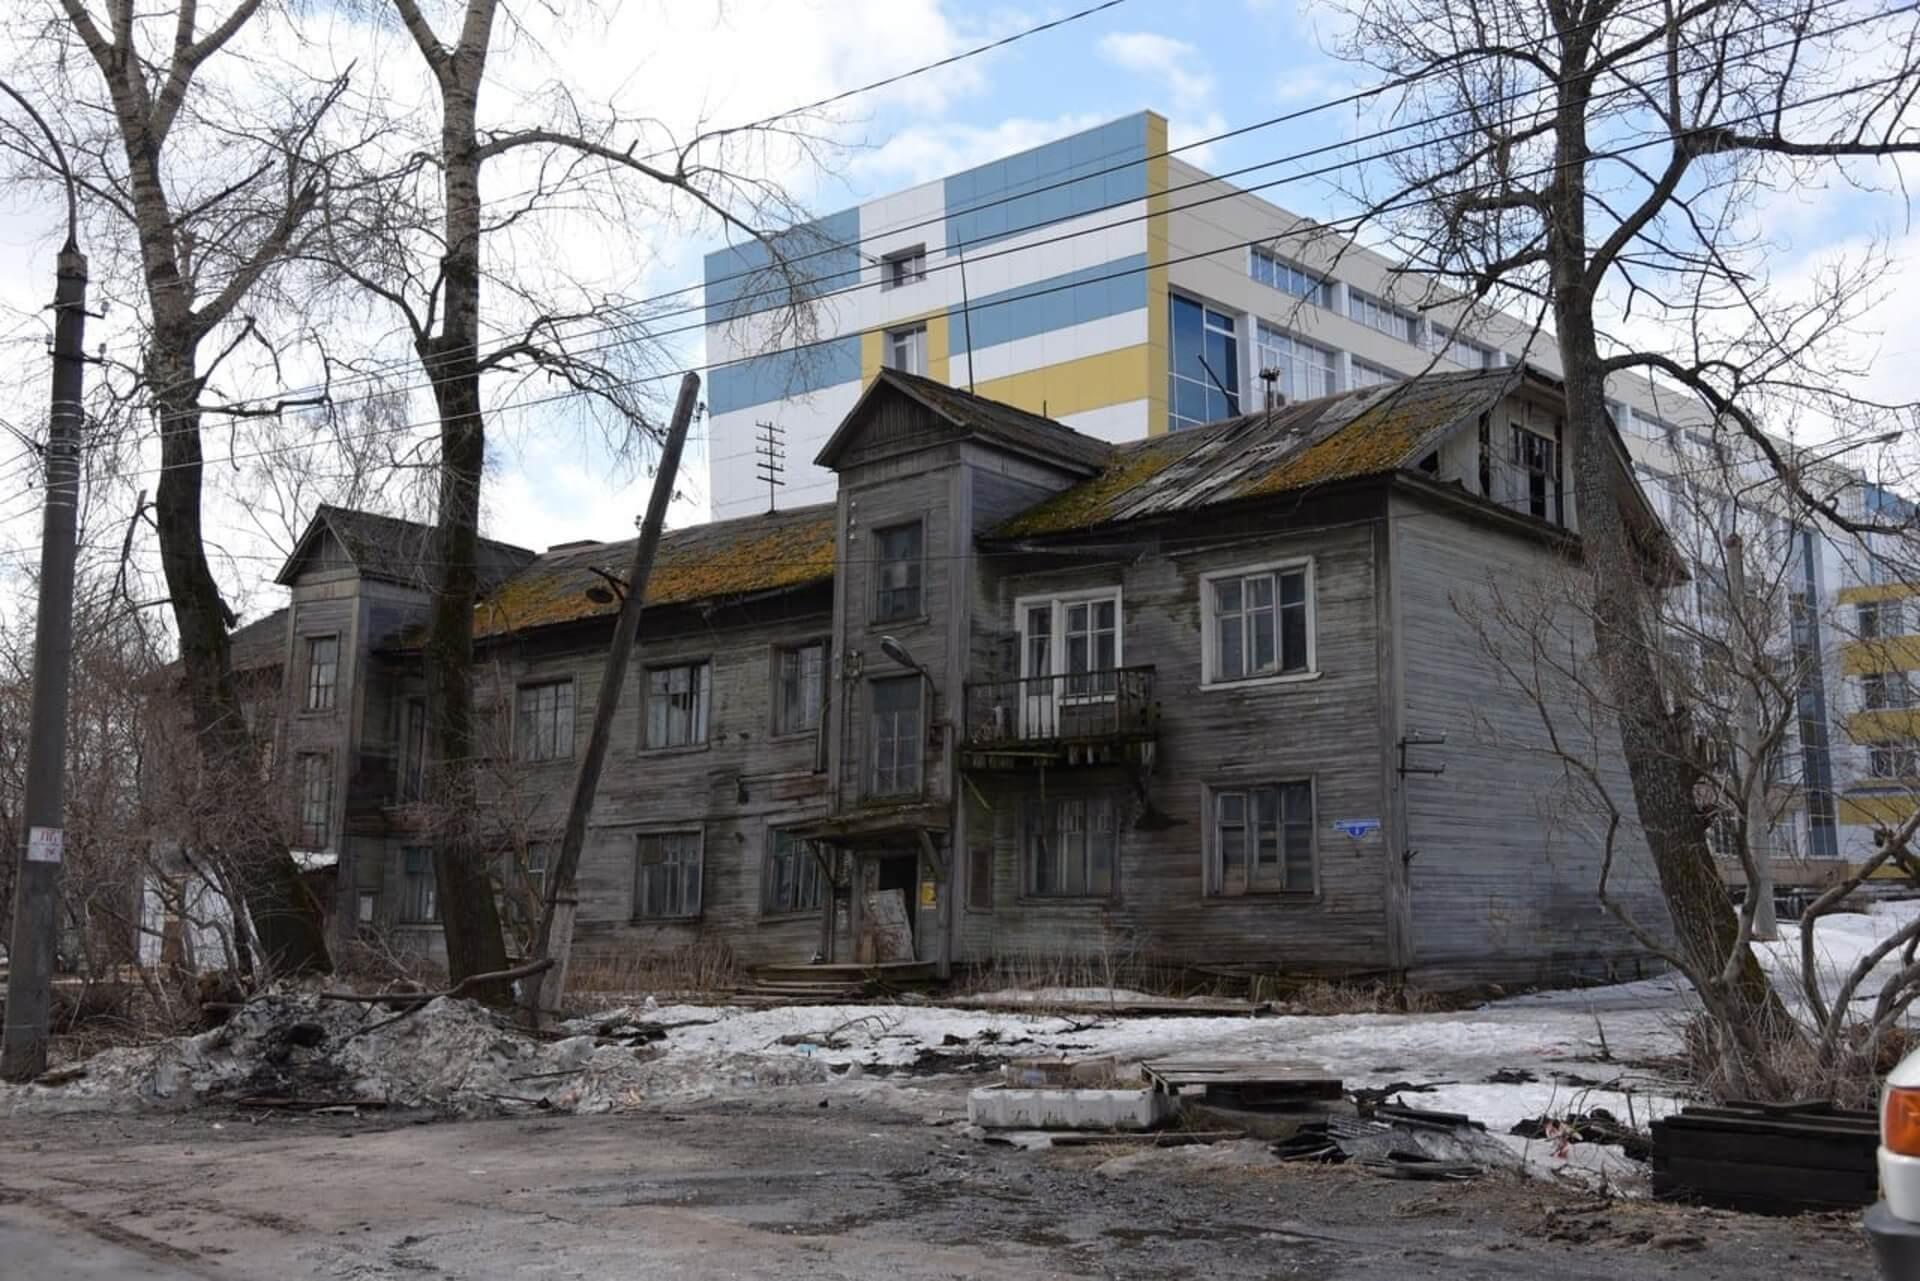 Представители власти против получения гражданами компенсации за аварийное жилье в Архангельске